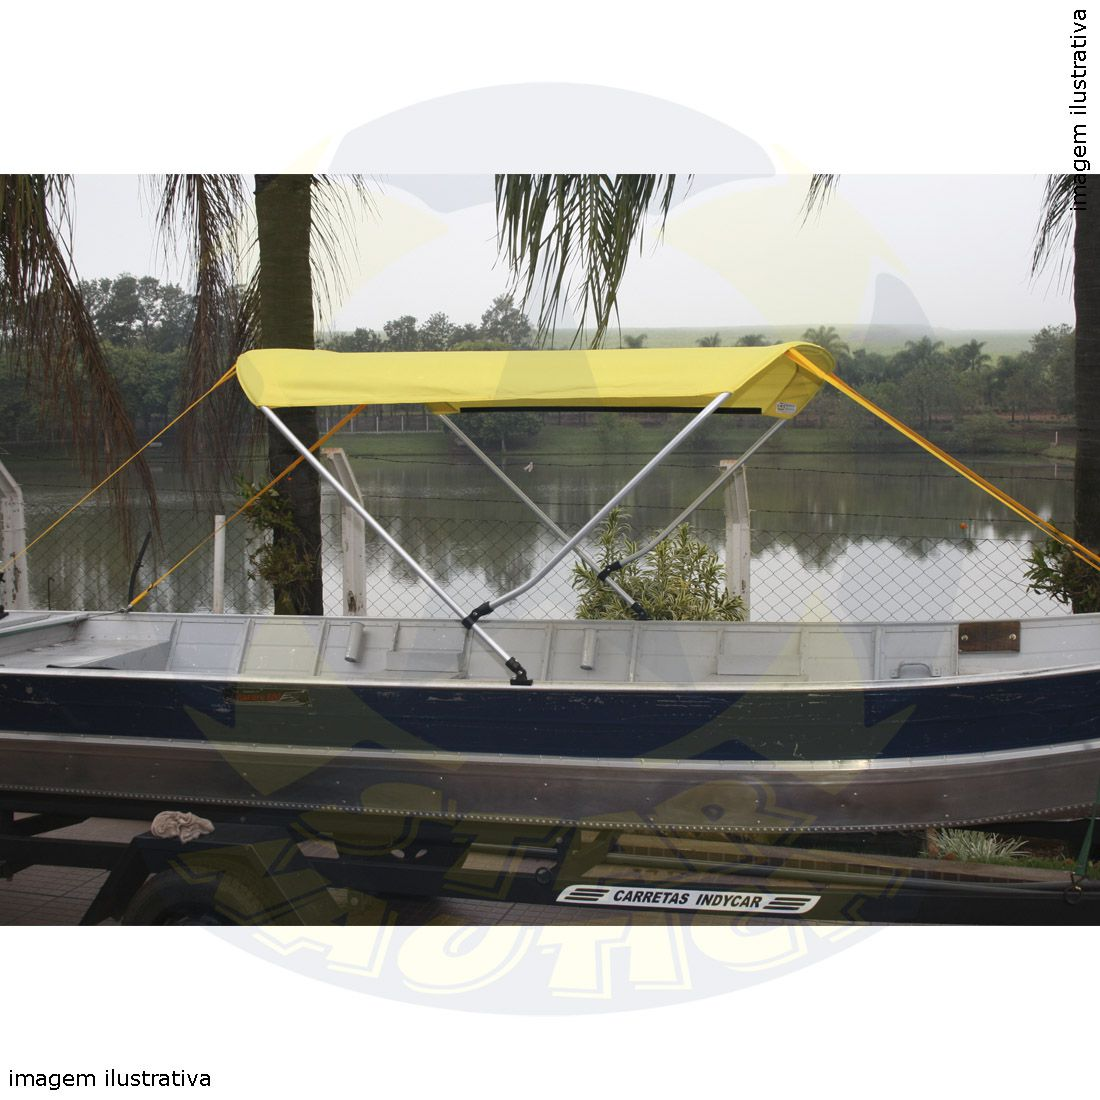 Capota Toldo Barco Tupi 600 Poliéster 2 Arcos Tubo 7/8